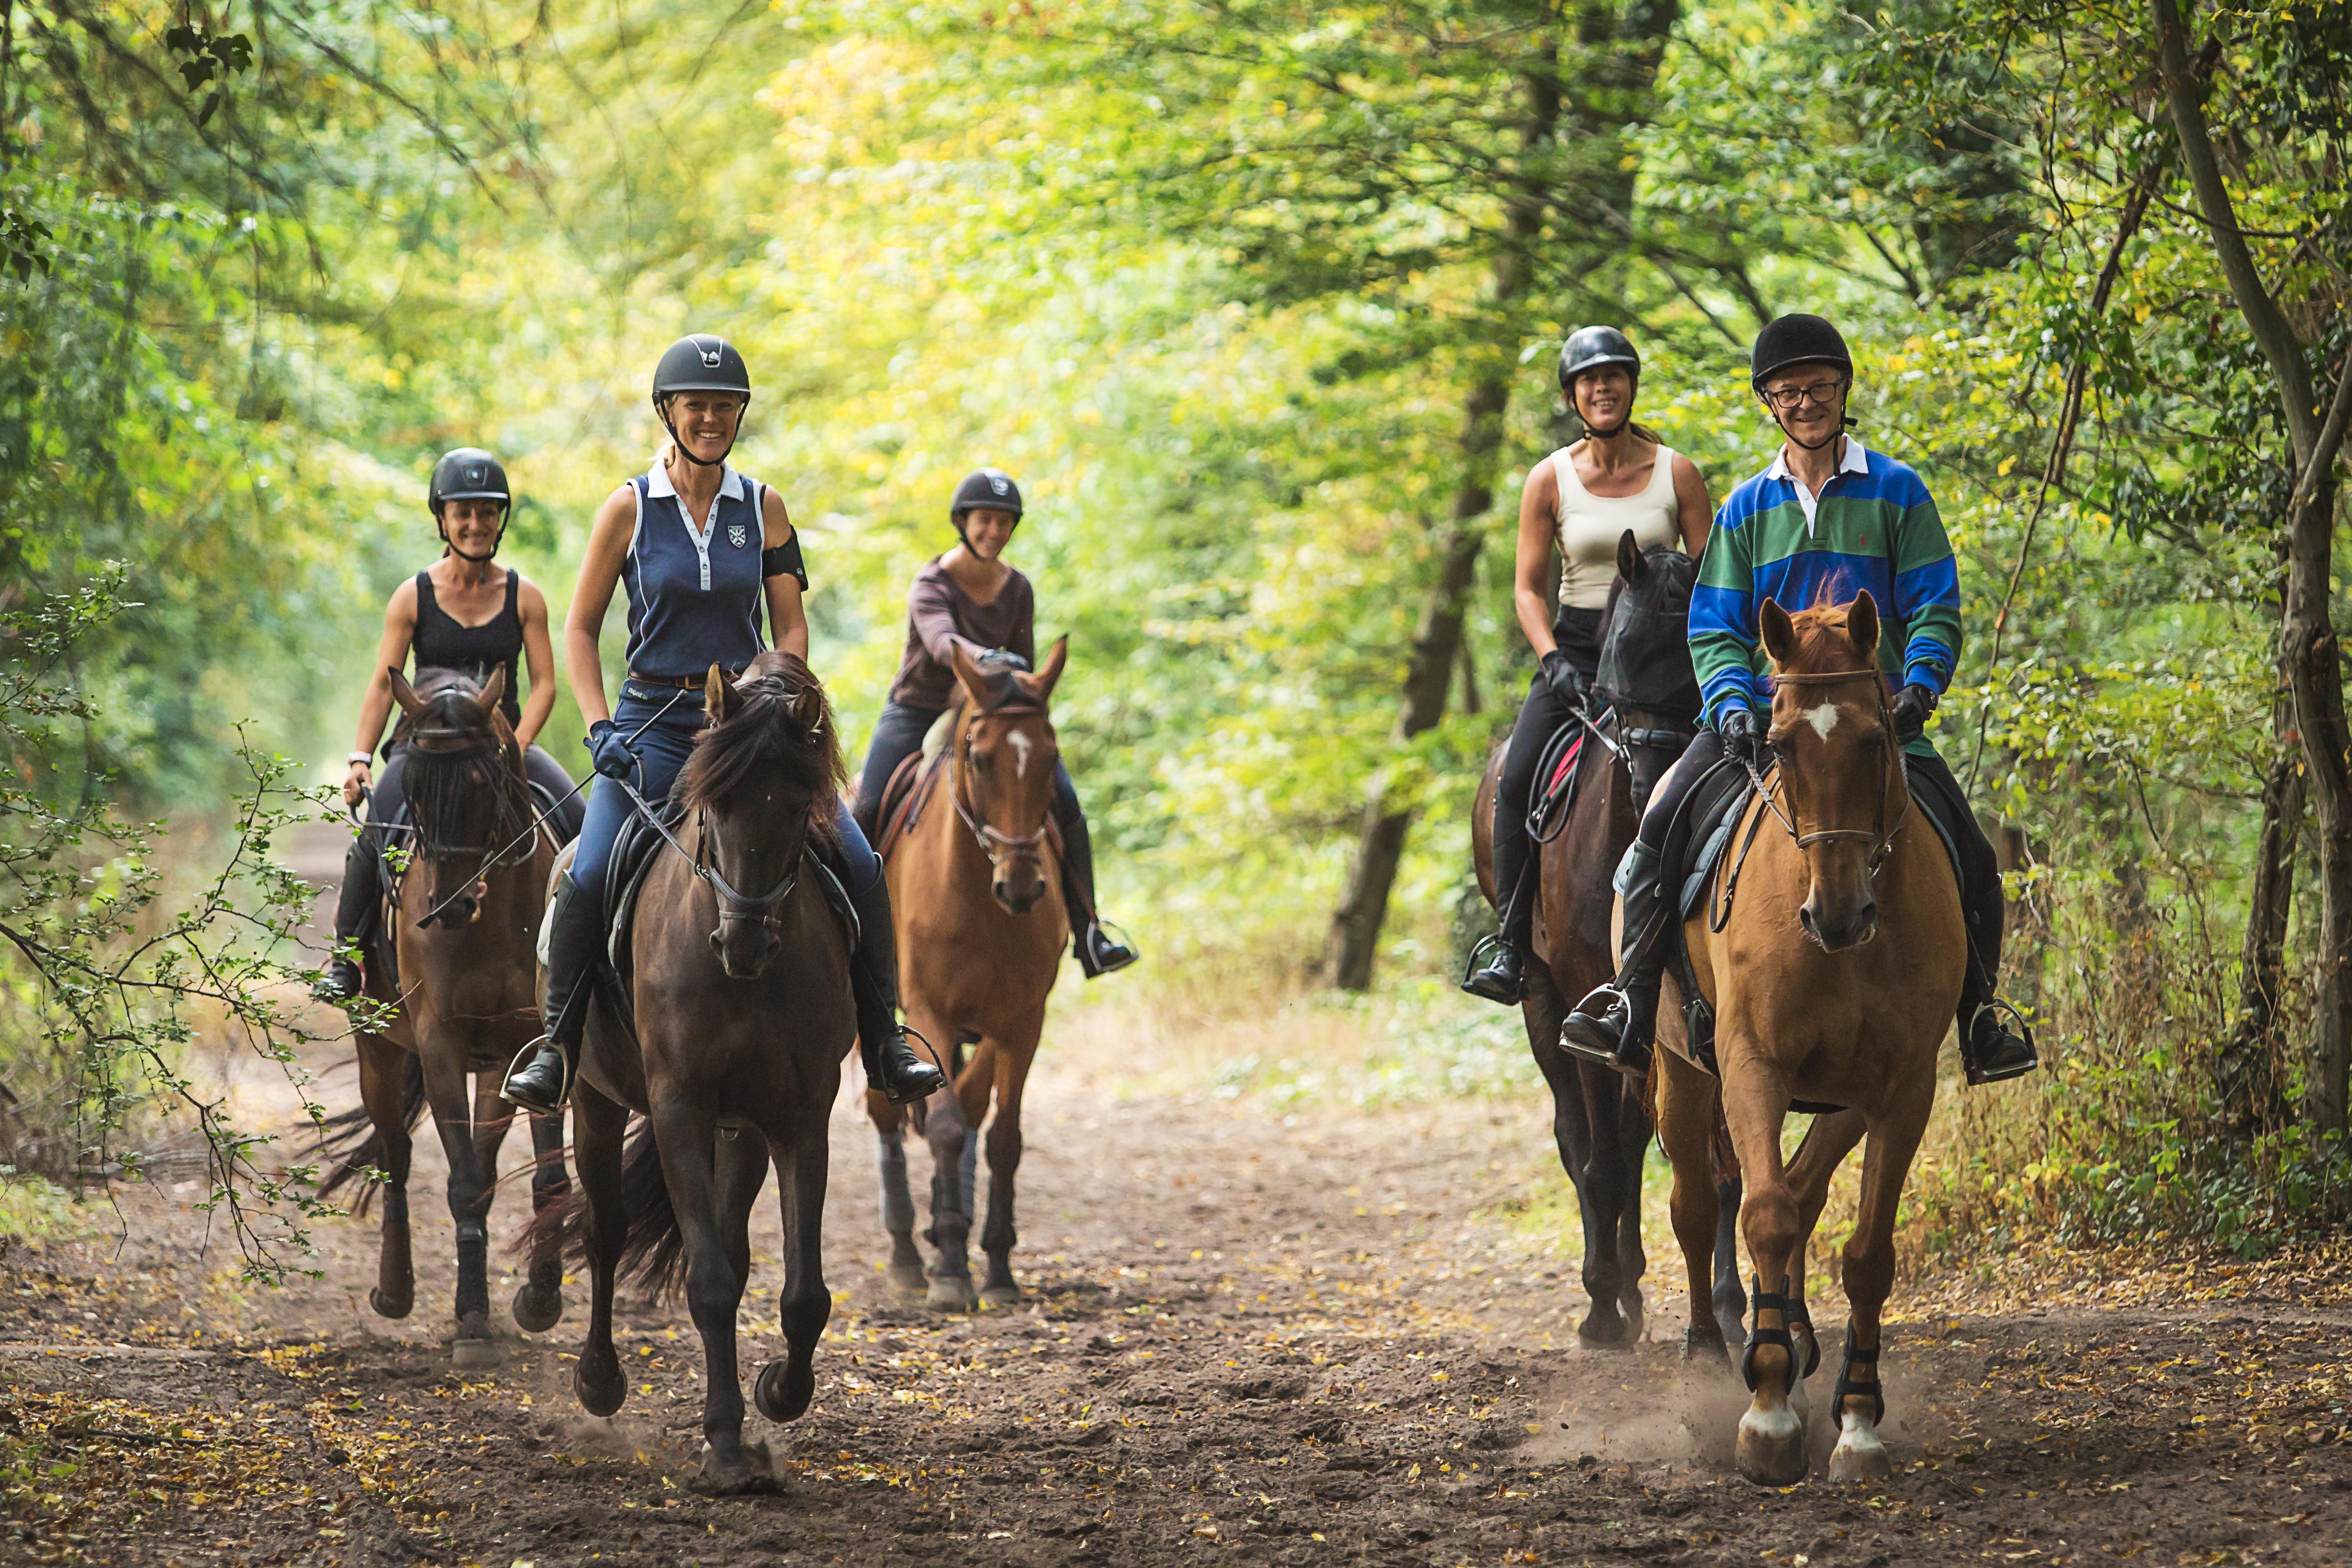 Horse Holidays%252C centre de randonnées équestres%252C Maisons-Laffitte. Horse Holidays%252C centre de randonnées équestres%252C Maisons-Laffitte.